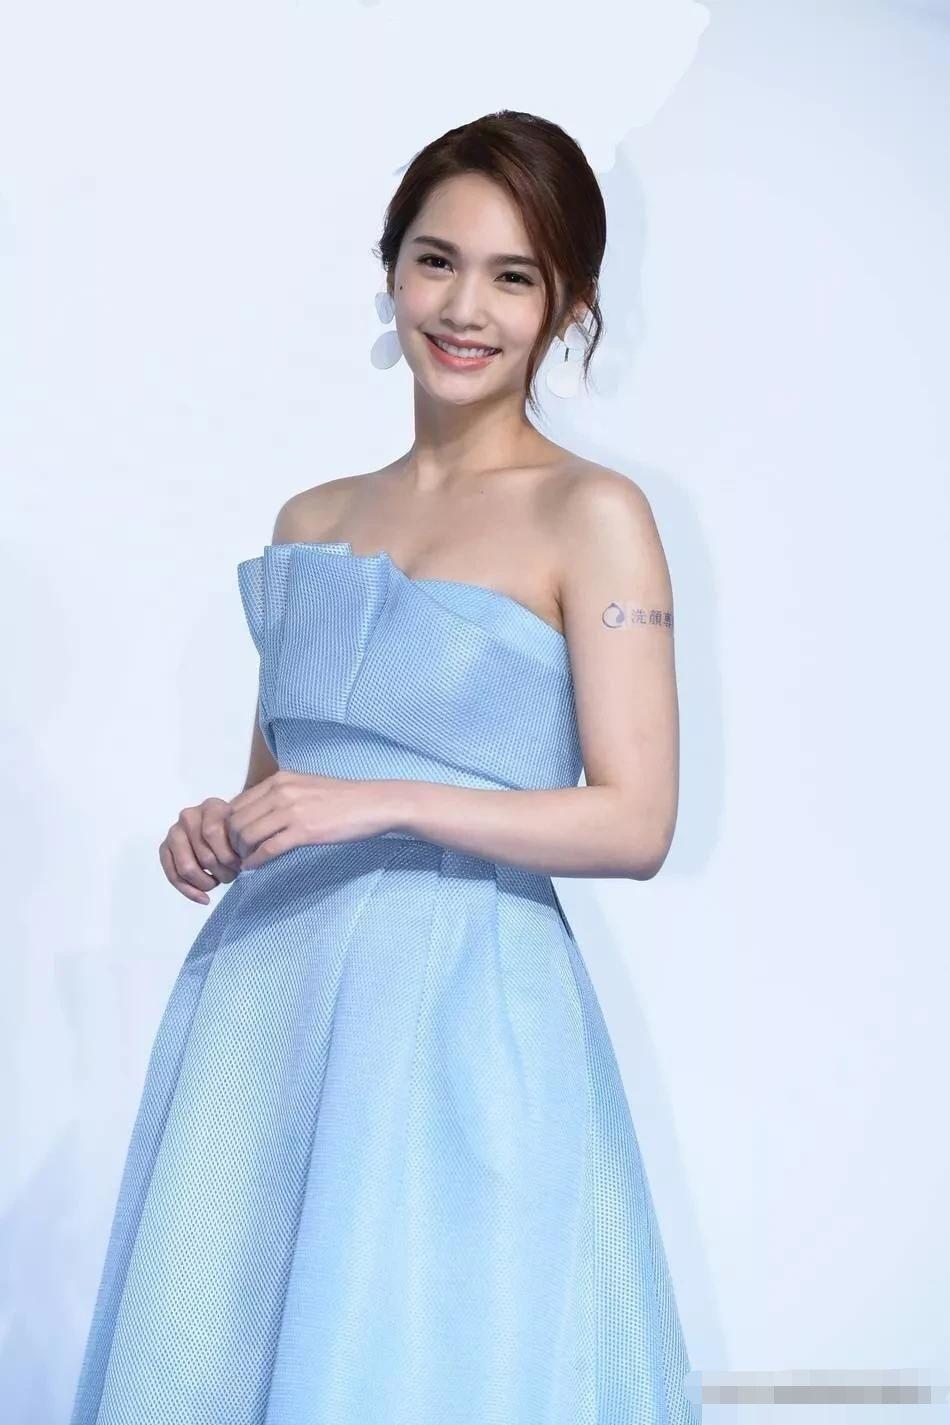 杨丞琳笑起来很甜美,露的手臂快和脖子一样粗,摆摆肉太多了吧!